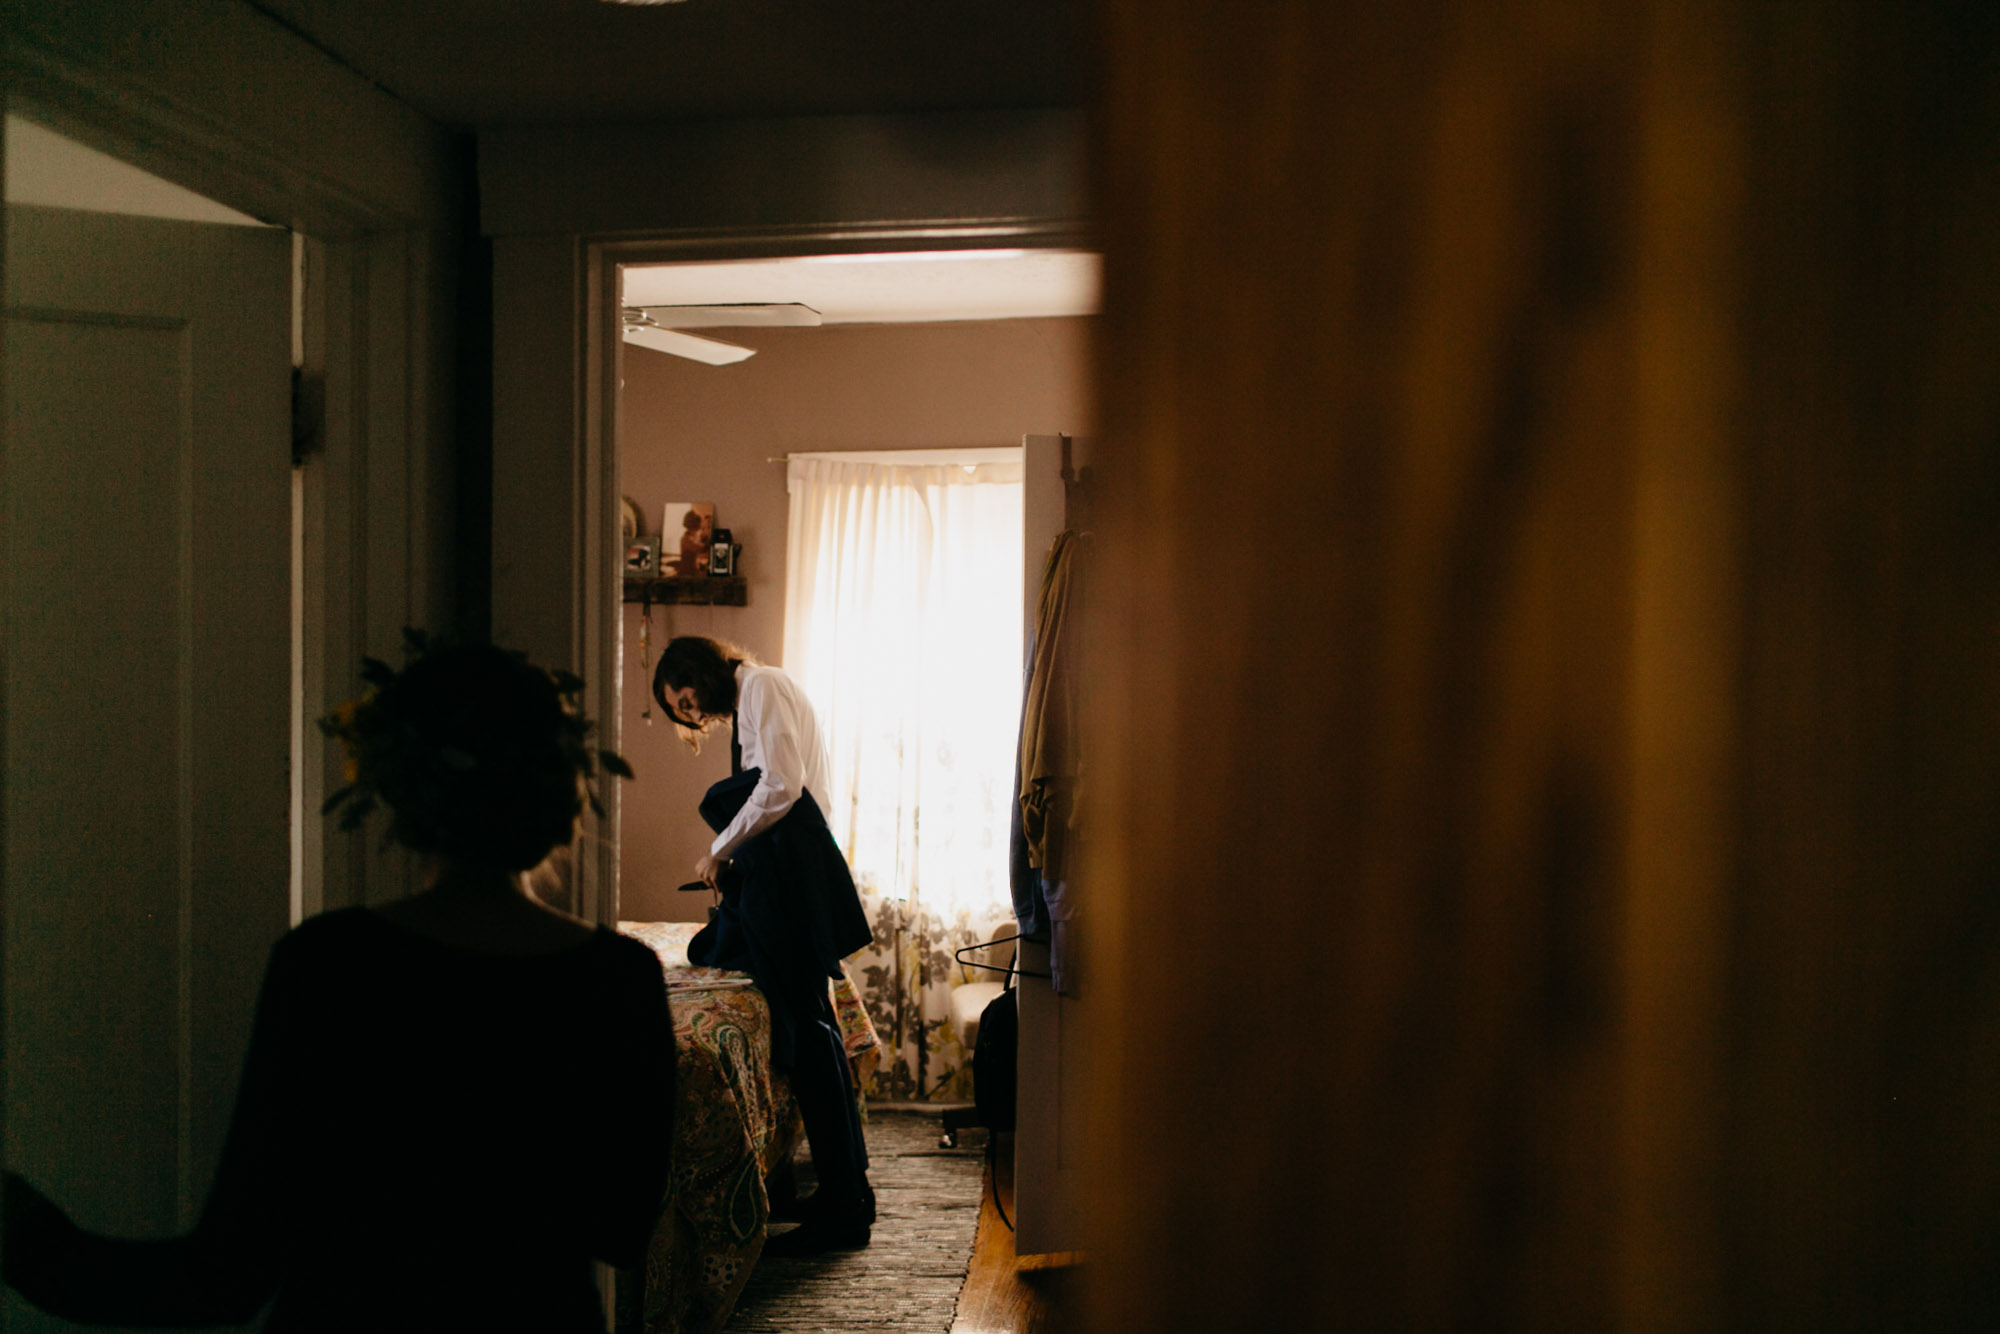 omaha-elopement-photographer-6.jpg